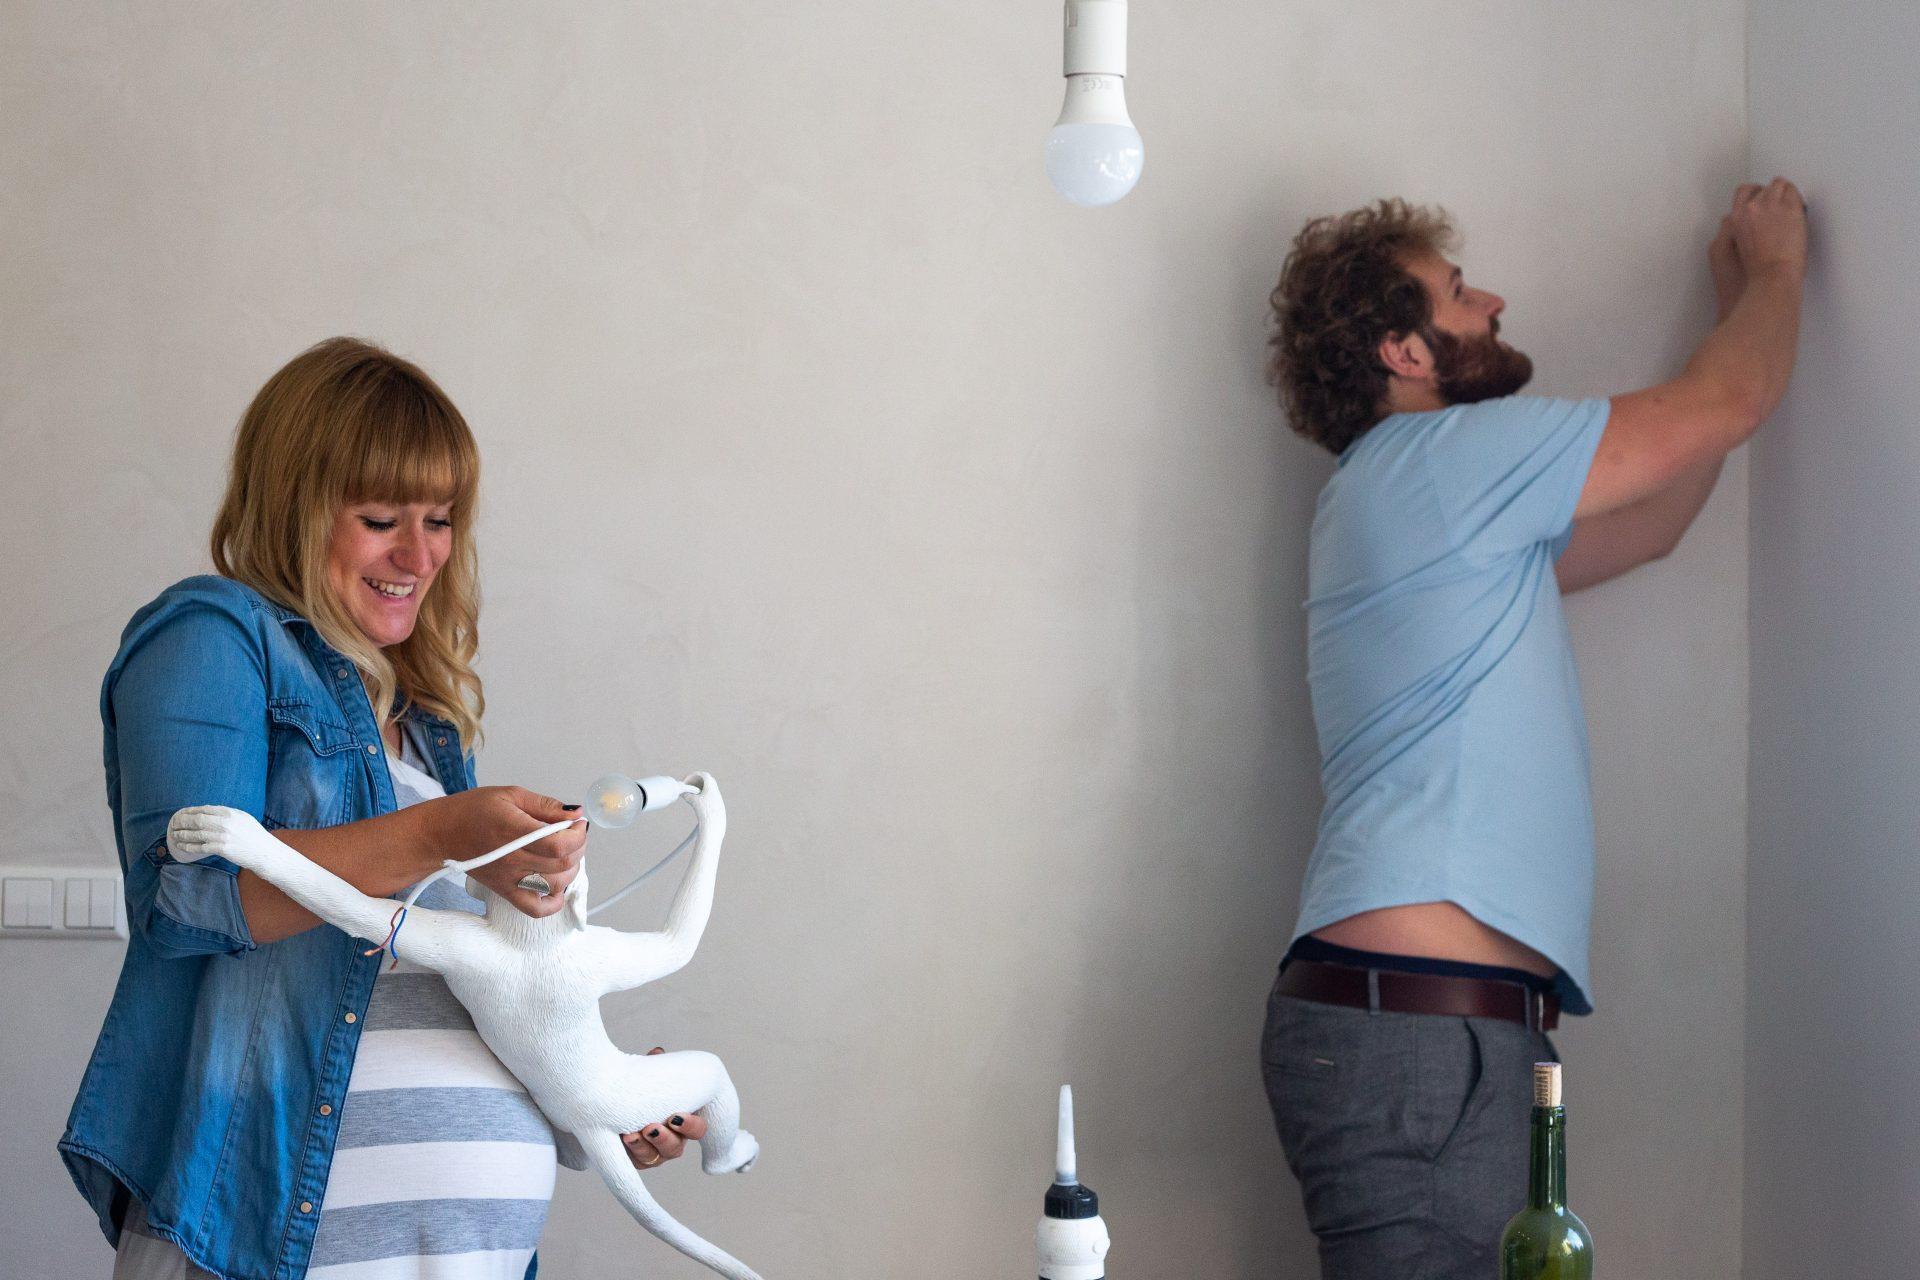 Lampe aufhängen - Fotografie Anja Schnell